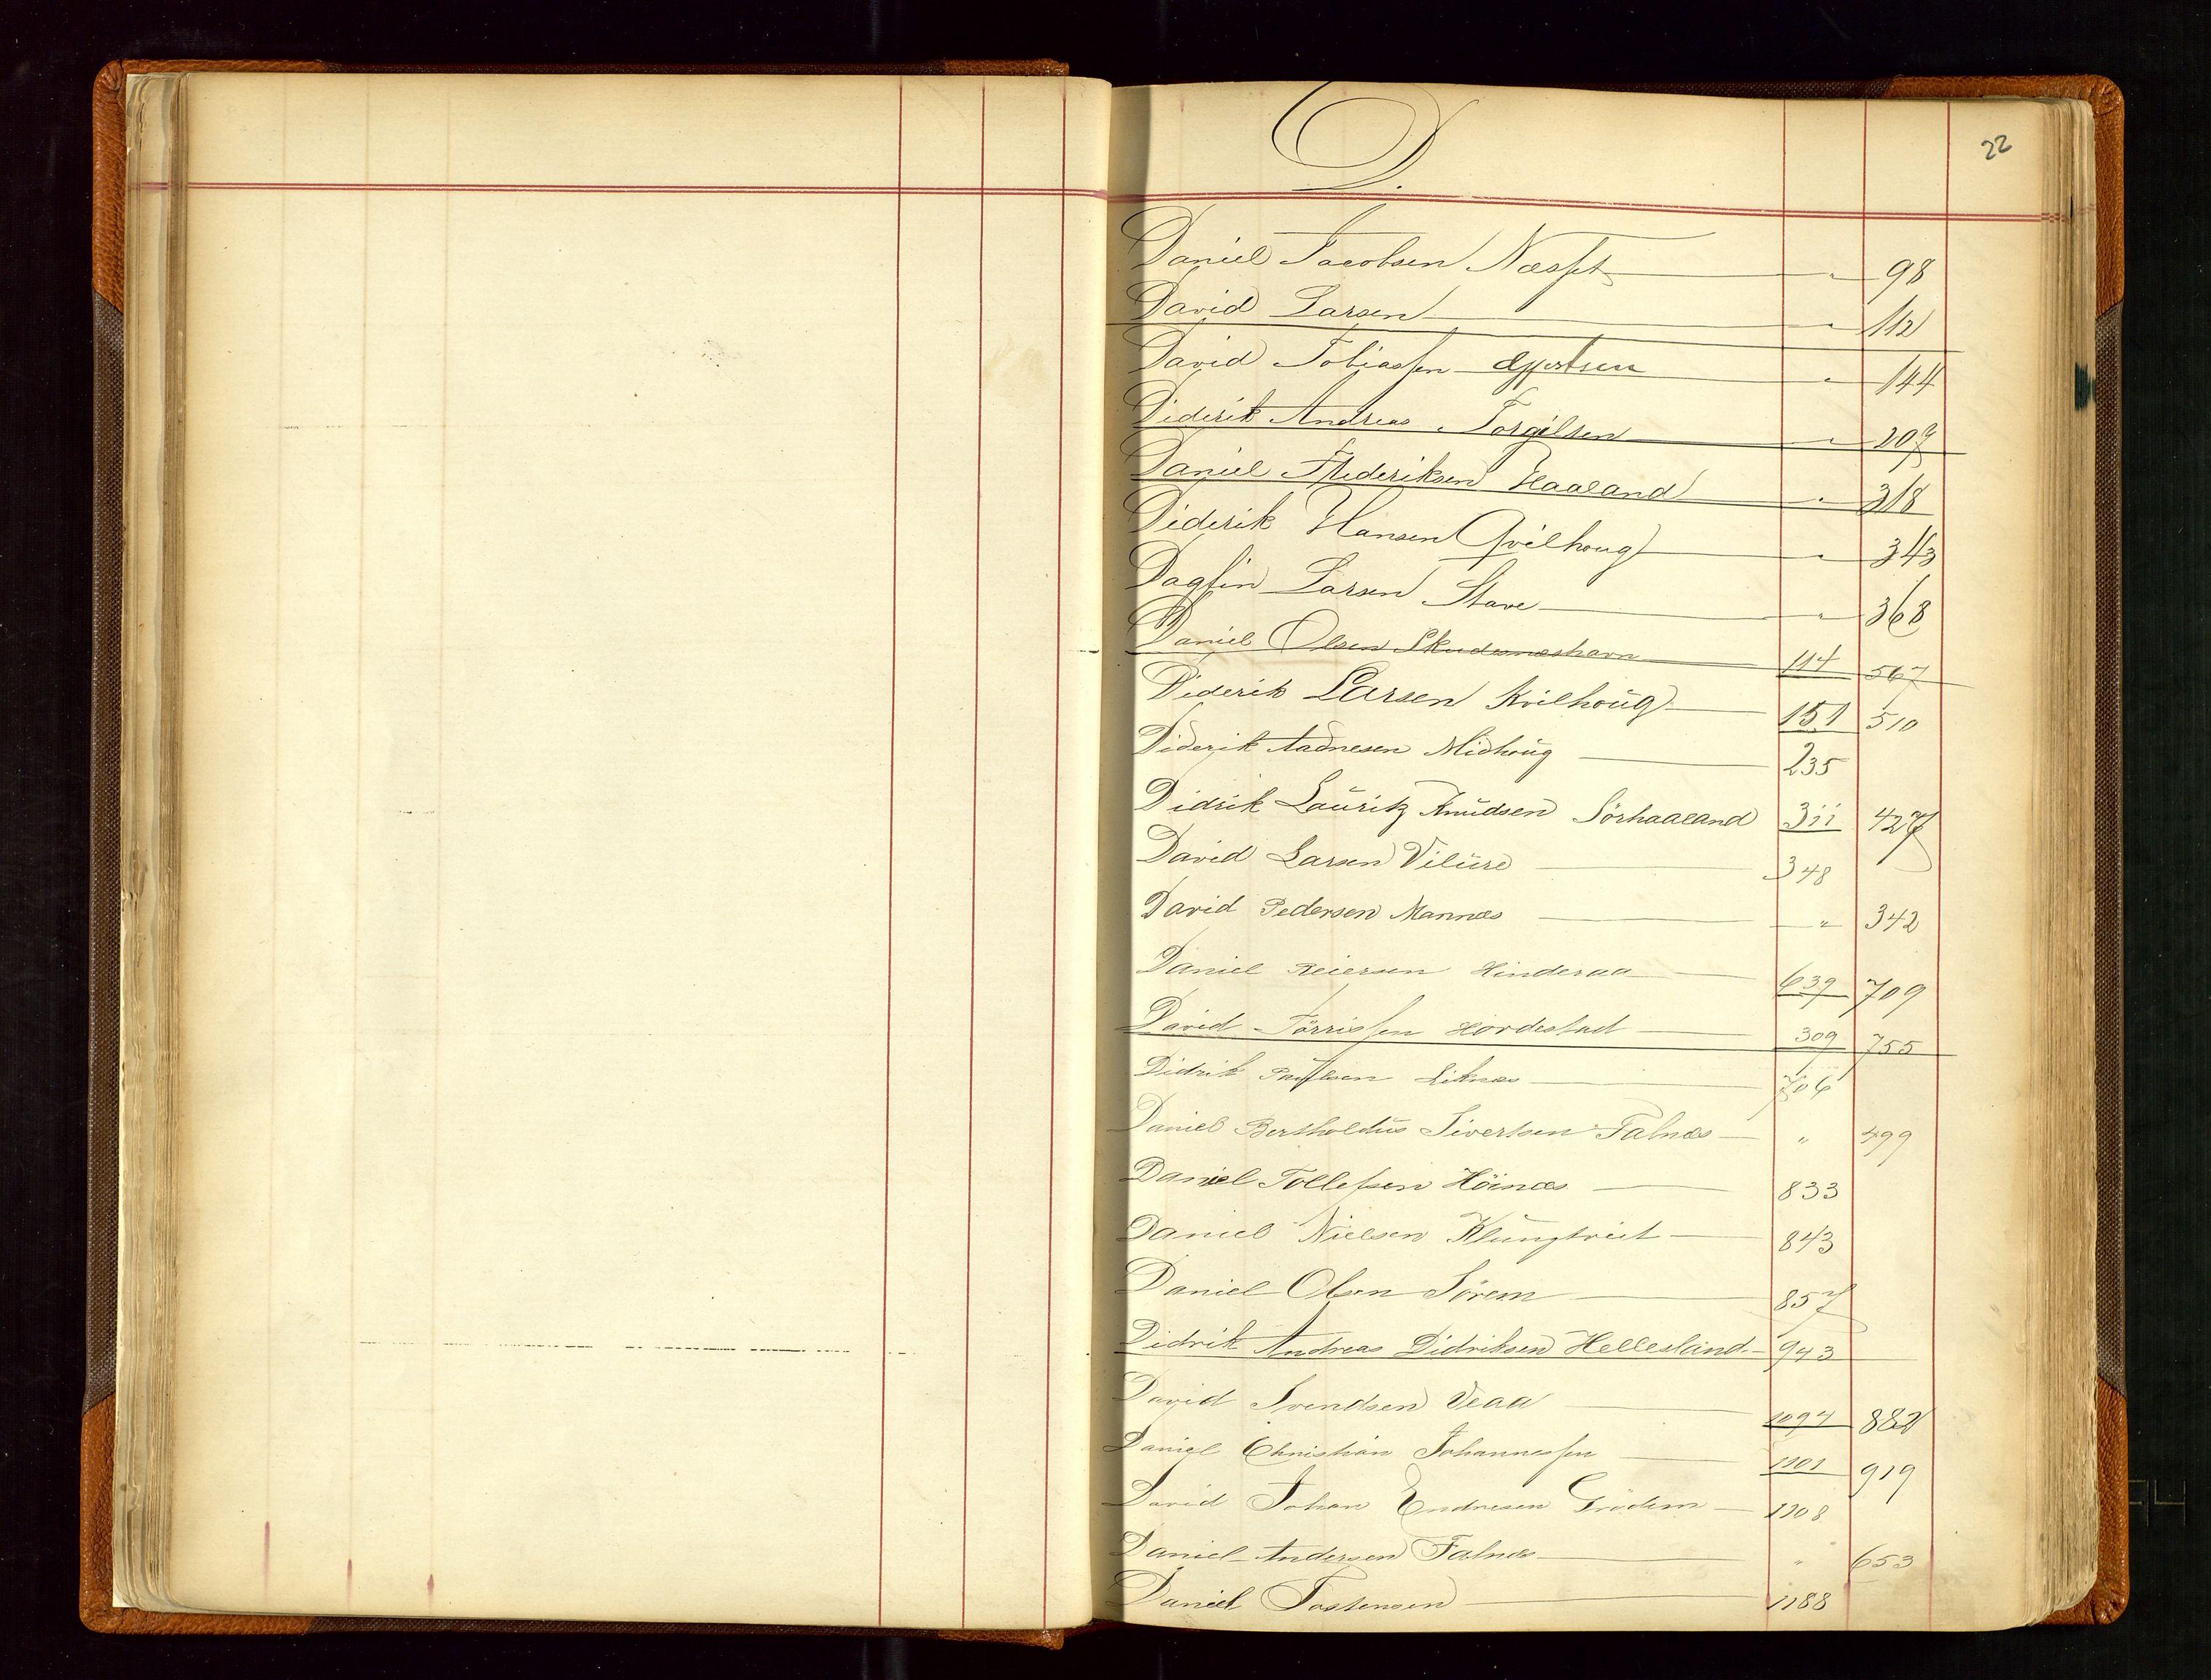 SAST, Haugesund sjømannskontor, F/Fb/Fba/L0001: Navneregister med henvisning til rullenr (Fornavn) Skudenes krets, 1860-1948, s. 22